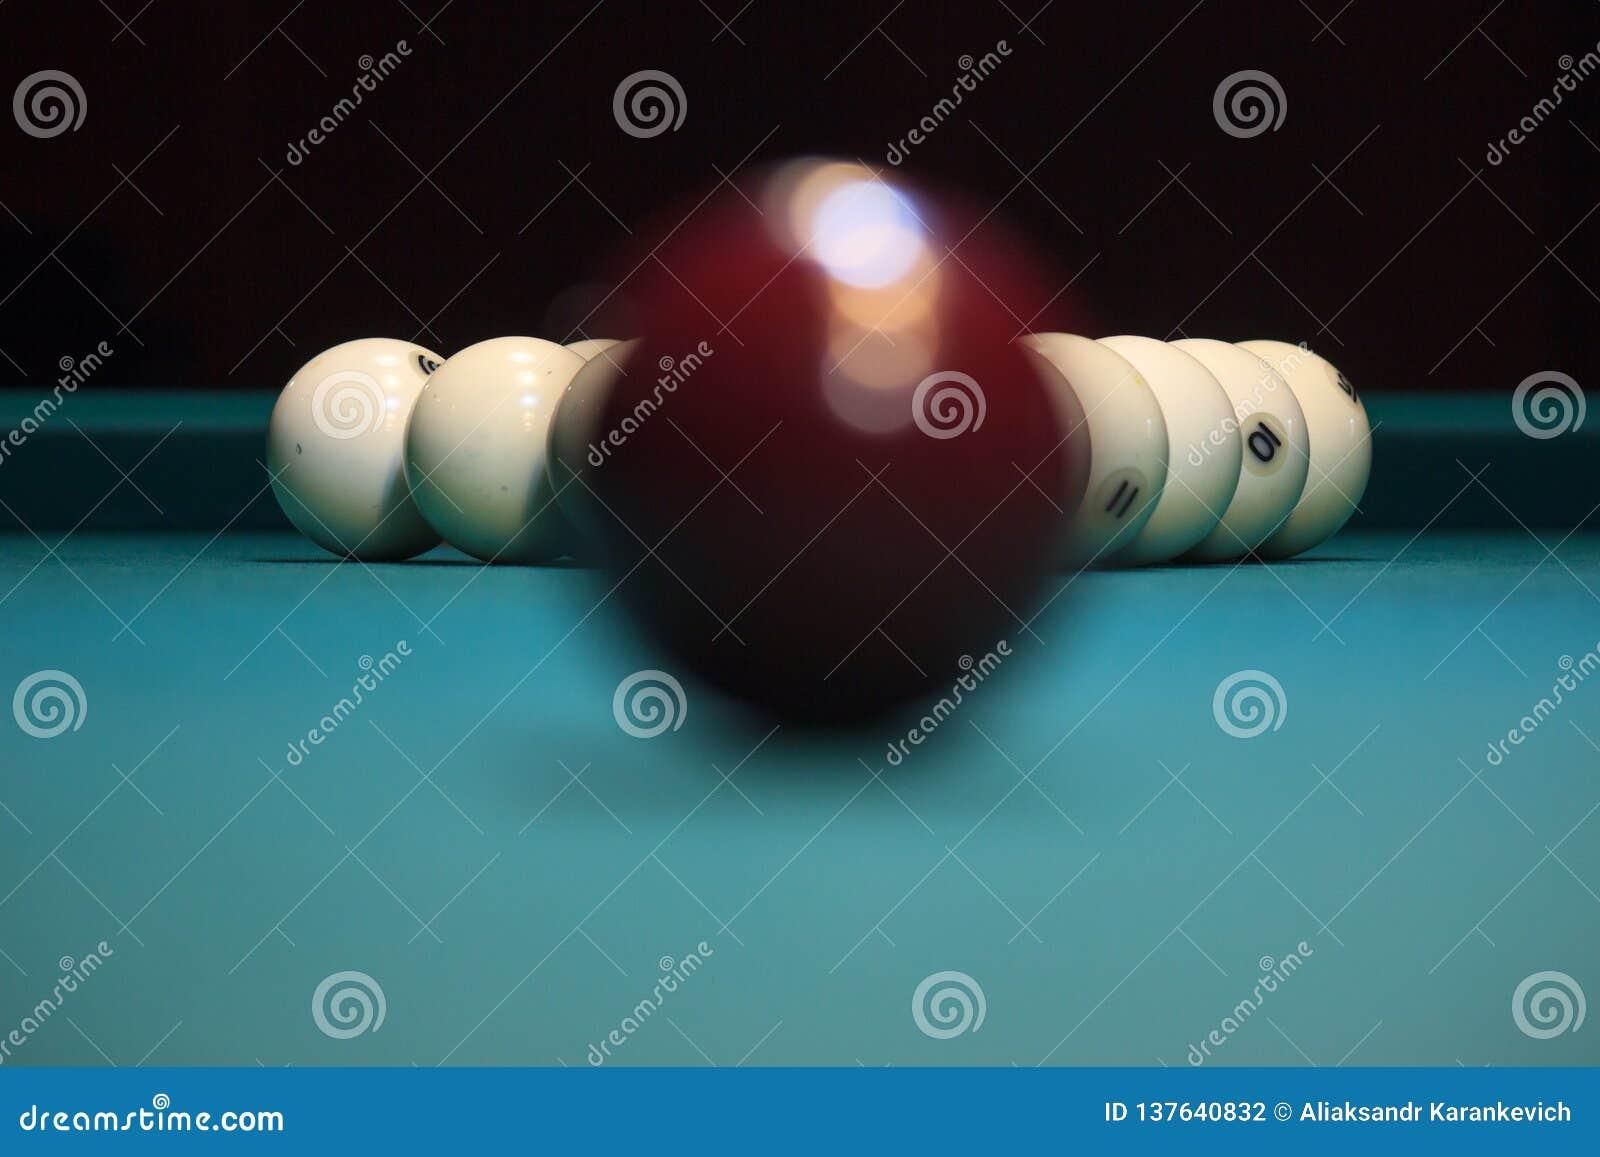 Bola marrón que miente en una mesa de billar verde el tiempo antes del juego la reflexión de la lámpara en el cuenco